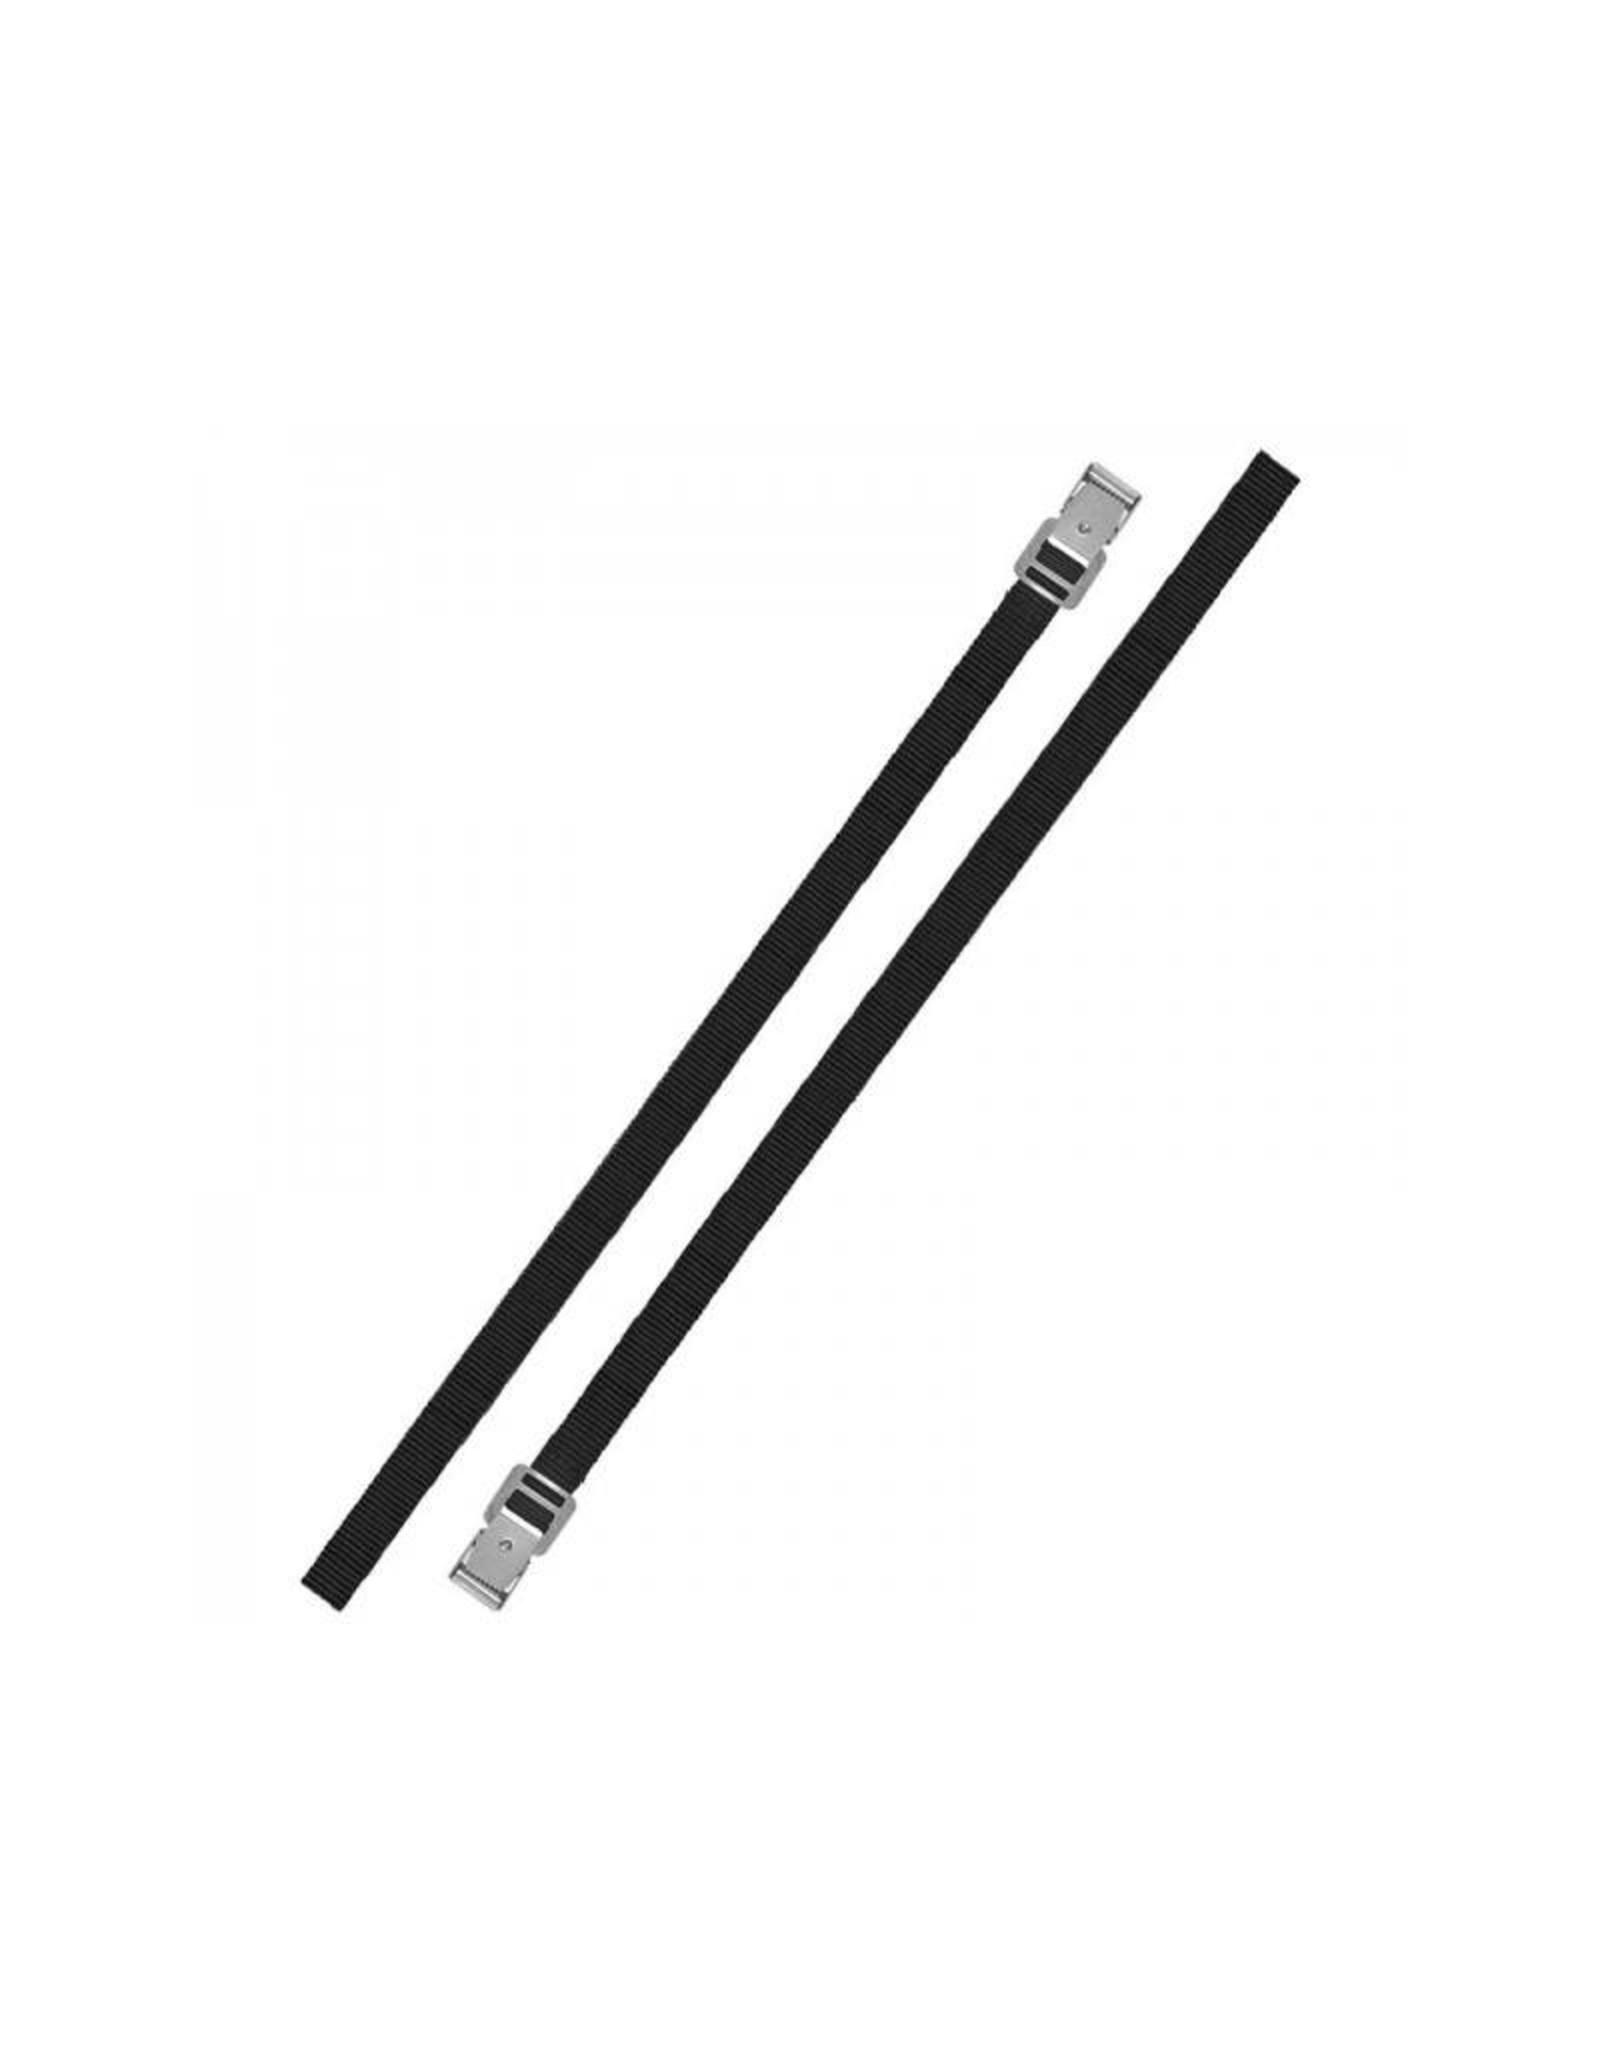 Bindriemen met metalen gesp 18mm-150cm set van 2 stuks